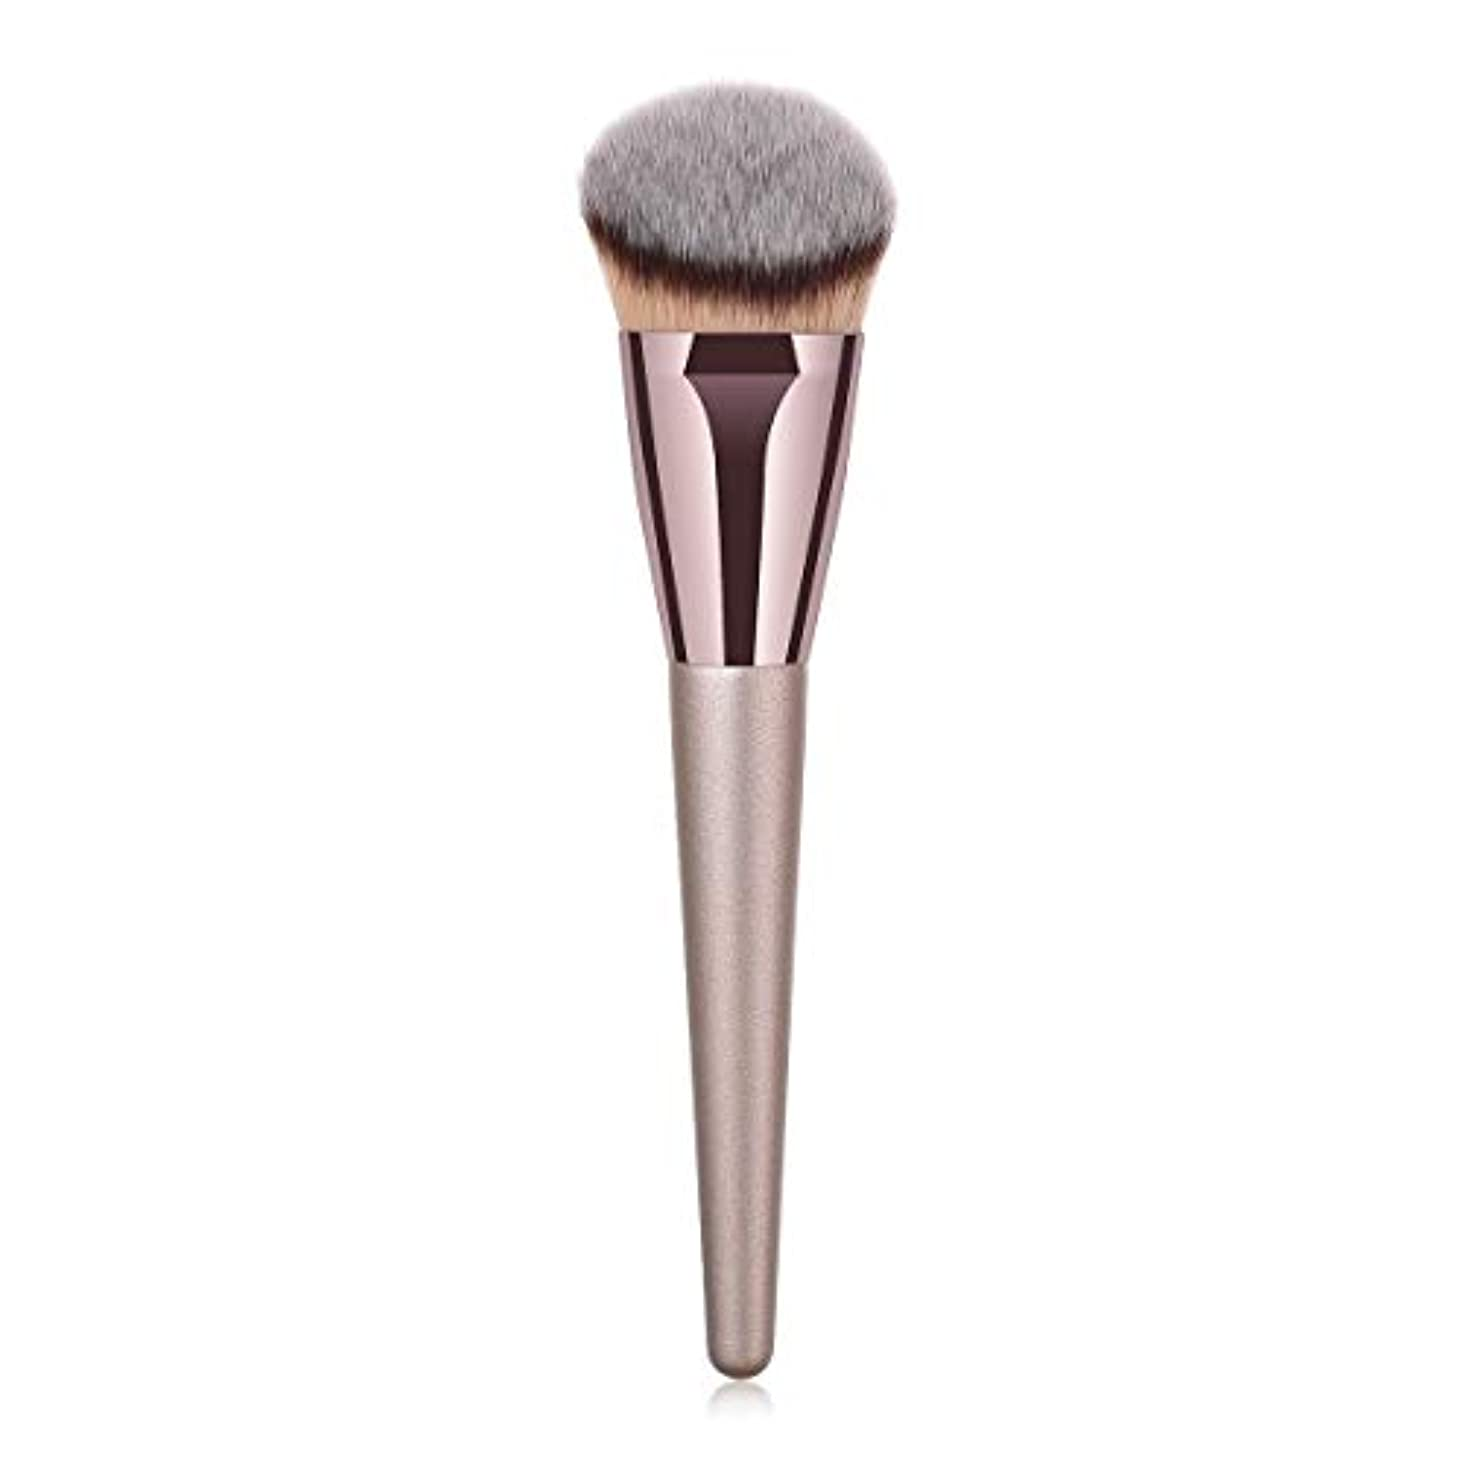 許容できるリフト鑑定Makeup brushes 持ち運びに便利、歌舞伎化粧ブラシ用パウダーブラッシュパウダーフルイド化粧品美容ツールCanonicalシングルブラシ suits (Color : Gray)